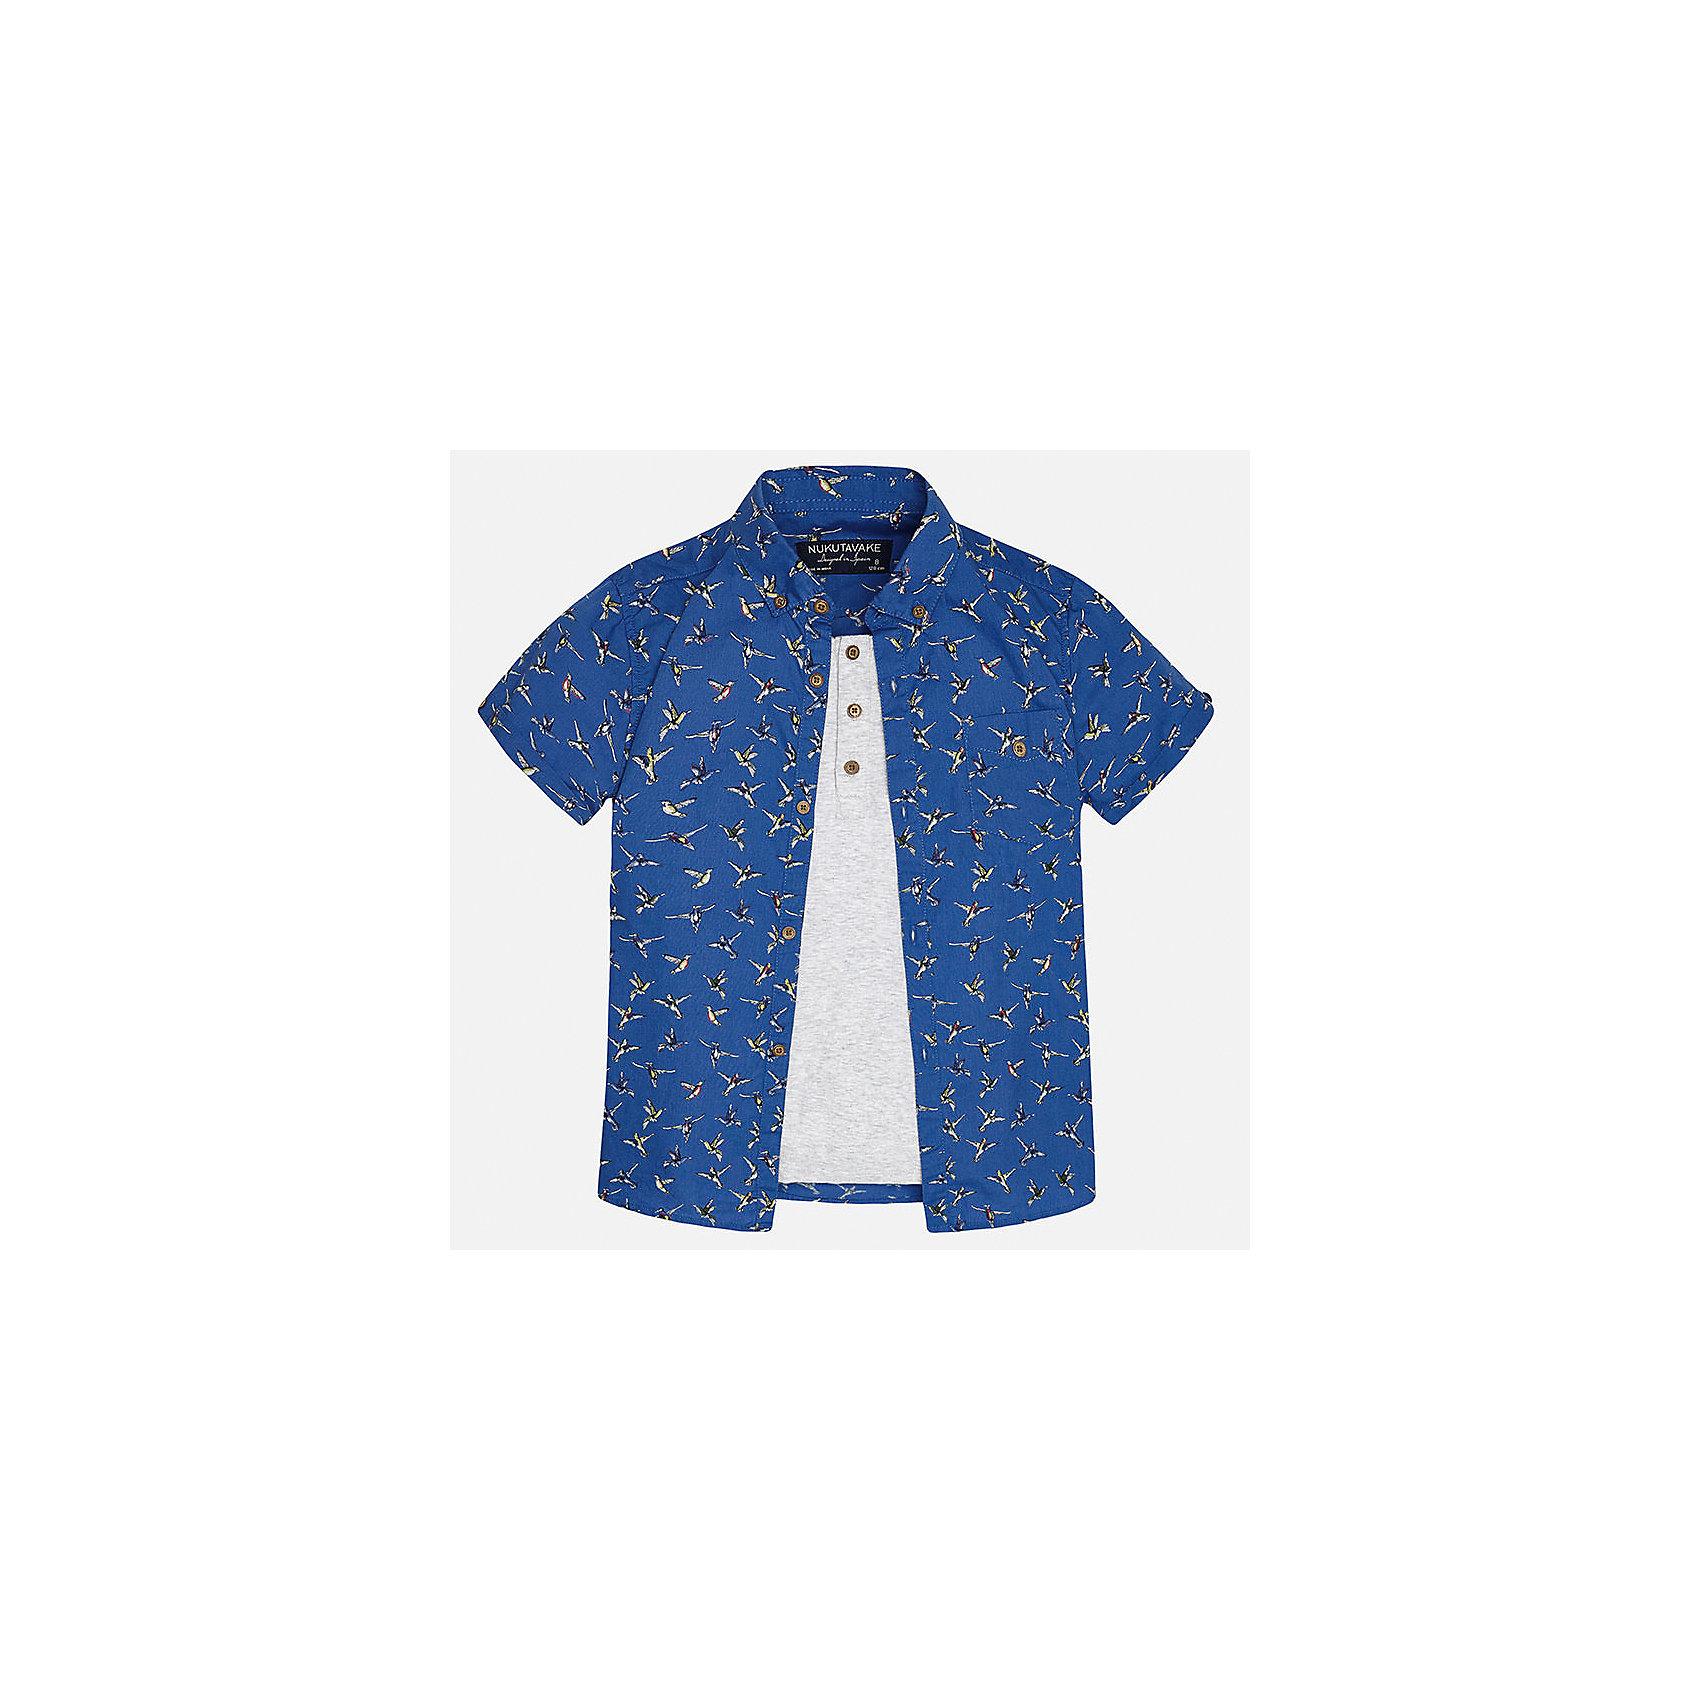 Рубашка для мальчика MayoralБлузки и рубашки<br>Характеристики товара:<br><br>• цвет: синий/серый<br>• состав: 100% хлопок<br>• отложной воротник<br>• декорирована карманом на груди<br>• короткие рукава<br>• застежки: пуговицы<br>• страна бренда: Испания<br><br>Модная рубашка поможет разнообразить гардероб мальчика. Она отлично сочетается с брюками, шортами, джинсами. Универсальный крой и цвет позволяет подобрать к вещи низ разных расцветок. Практичное и стильное изделие! Хорошо смотрится и комфортно сидит на детях. В составе материала - только натуральный хлопок, гипоаллергенный, приятный на ощупь, дышащий. <br><br>Одежда, обувь и аксессуары от испанского бренда Mayoral полюбились детям и взрослым по всему миру. Модели этой марки - стильные и удобные. Для их производства используются только безопасные, качественные материалы и фурнитура. Порадуйте ребенка модными и красивыми вещами от Mayoral! <br><br>Рубашку для мальчика от испанского бренда Mayoral (Майорал) можно купить в нашем интернет-магазине.<br><br>Ширина мм: 174<br>Глубина мм: 10<br>Высота мм: 169<br>Вес г: 157<br>Цвет: серый<br>Возраст от месяцев: 132<br>Возраст до месяцев: 144<br>Пол: Мужской<br>Возраст: Детский<br>Размер: 158,140,170,128/134,152,164<br>SKU: 5281631